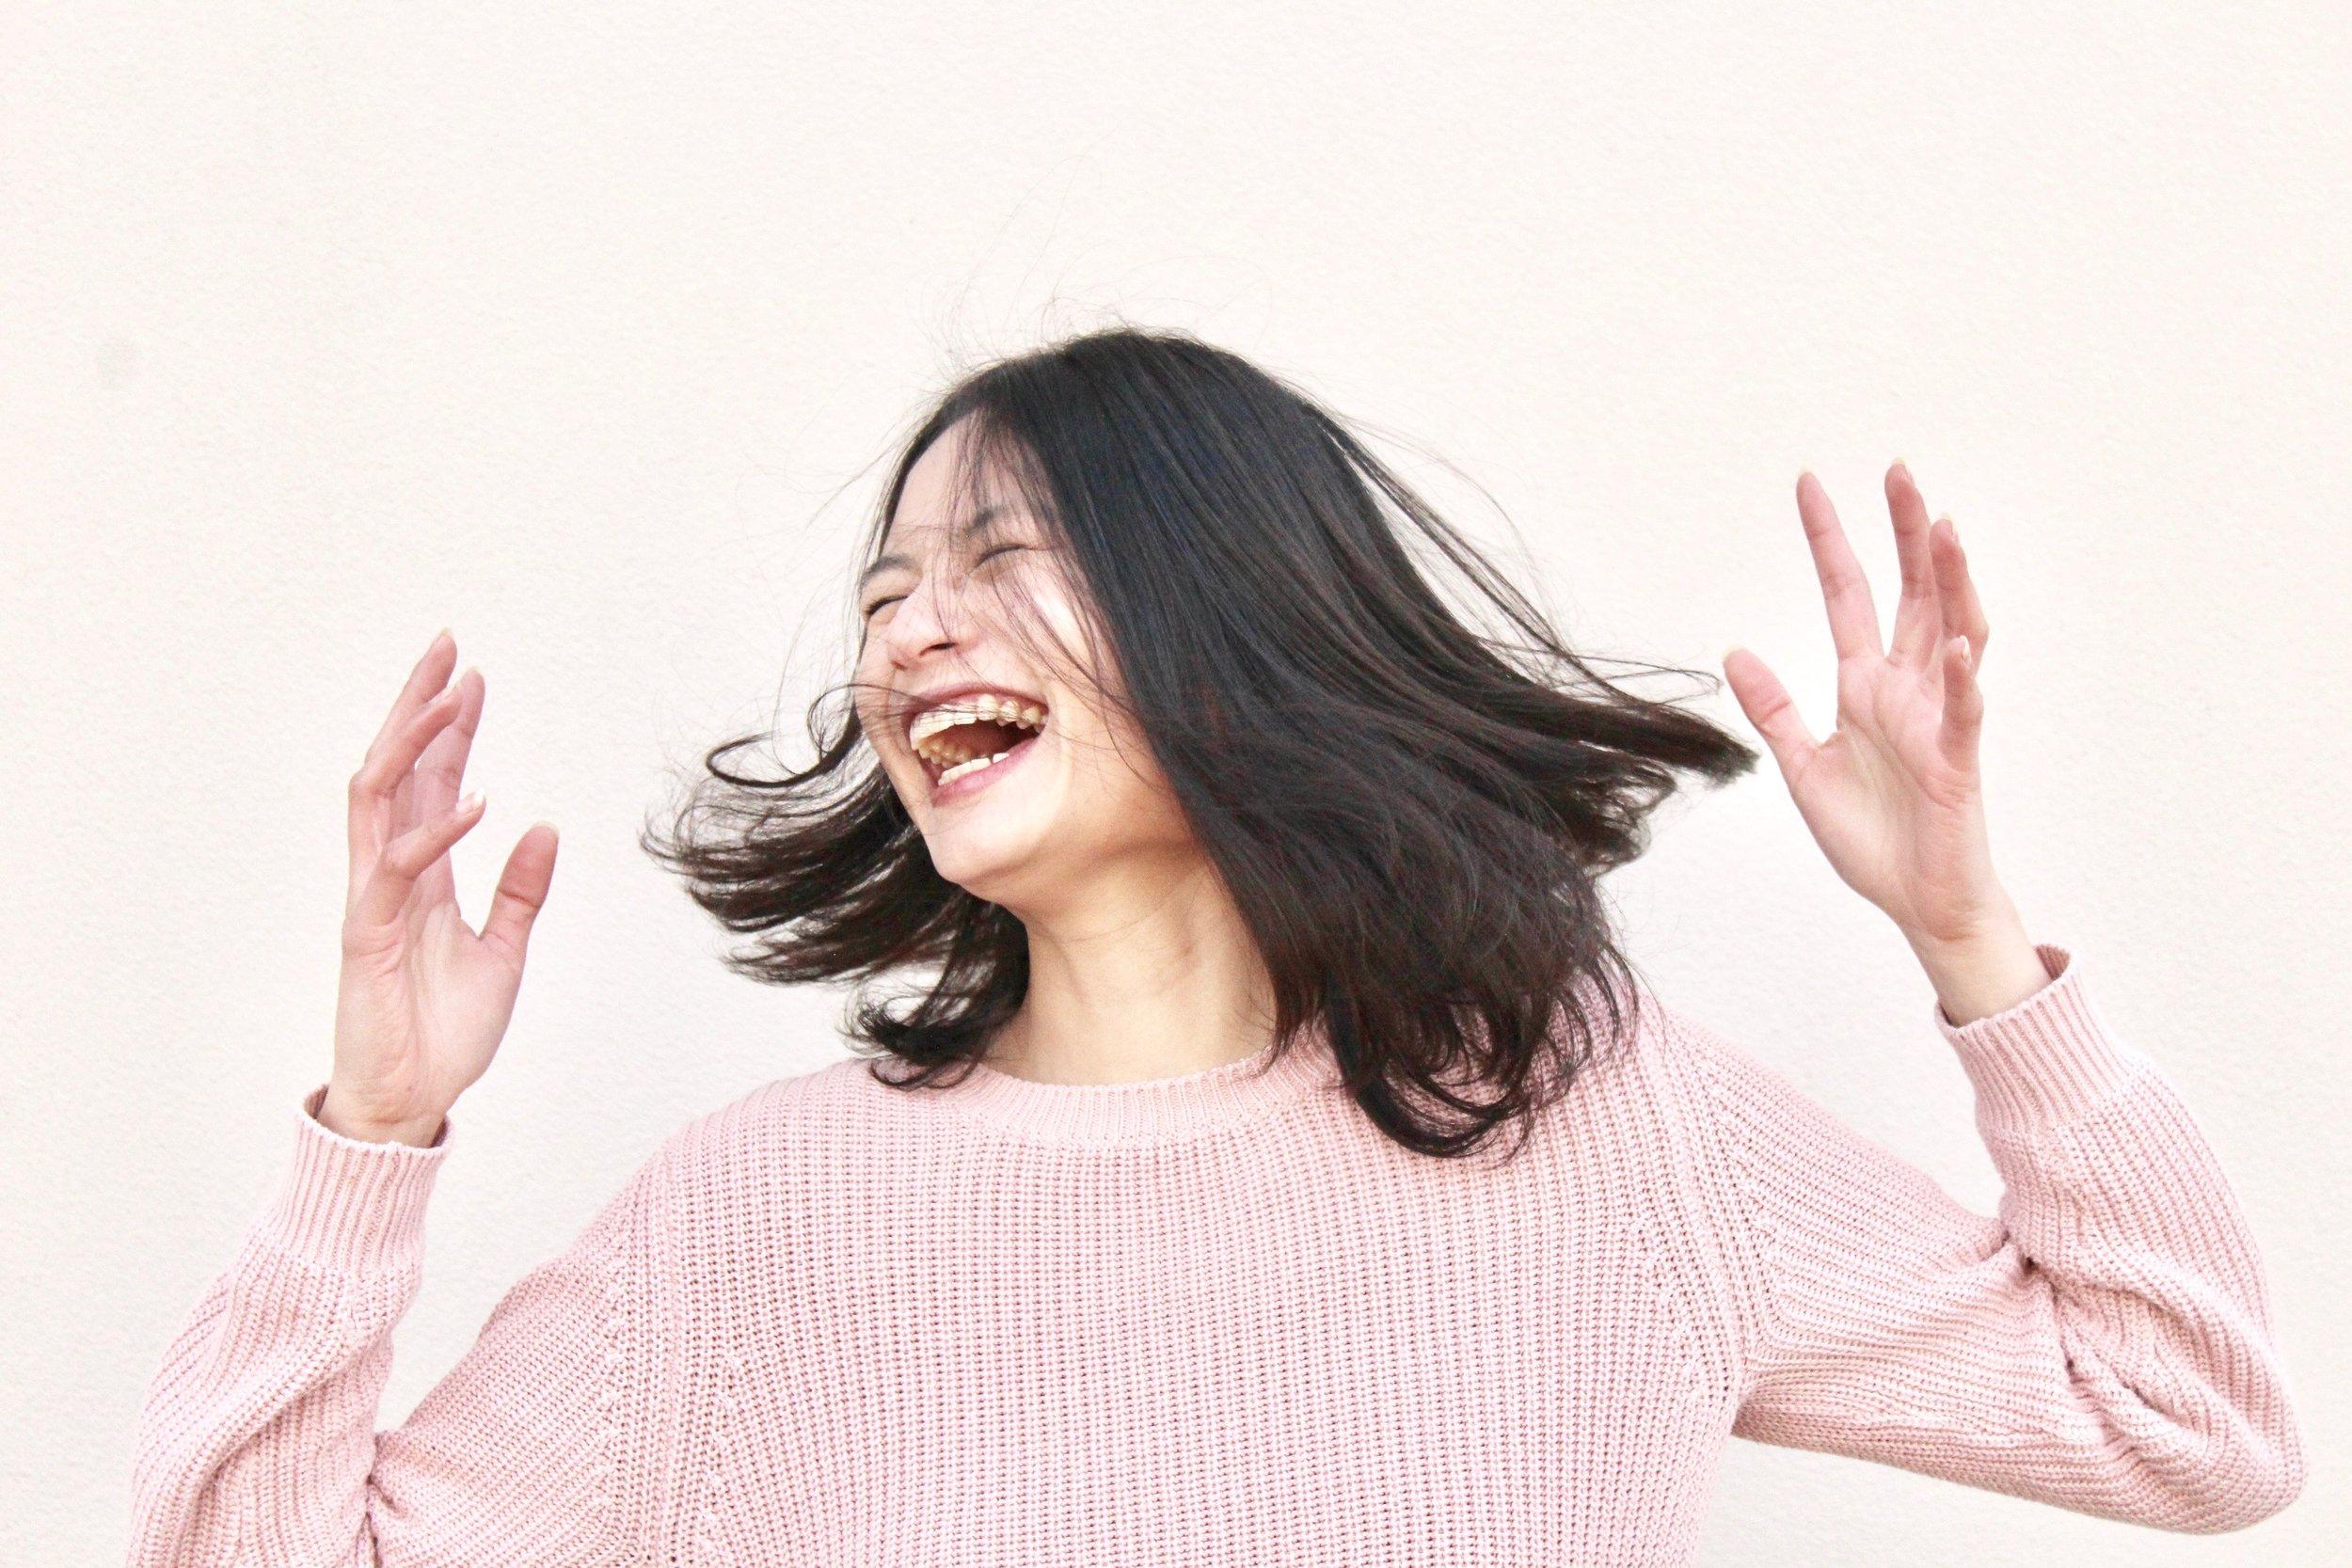 kvinder-griner